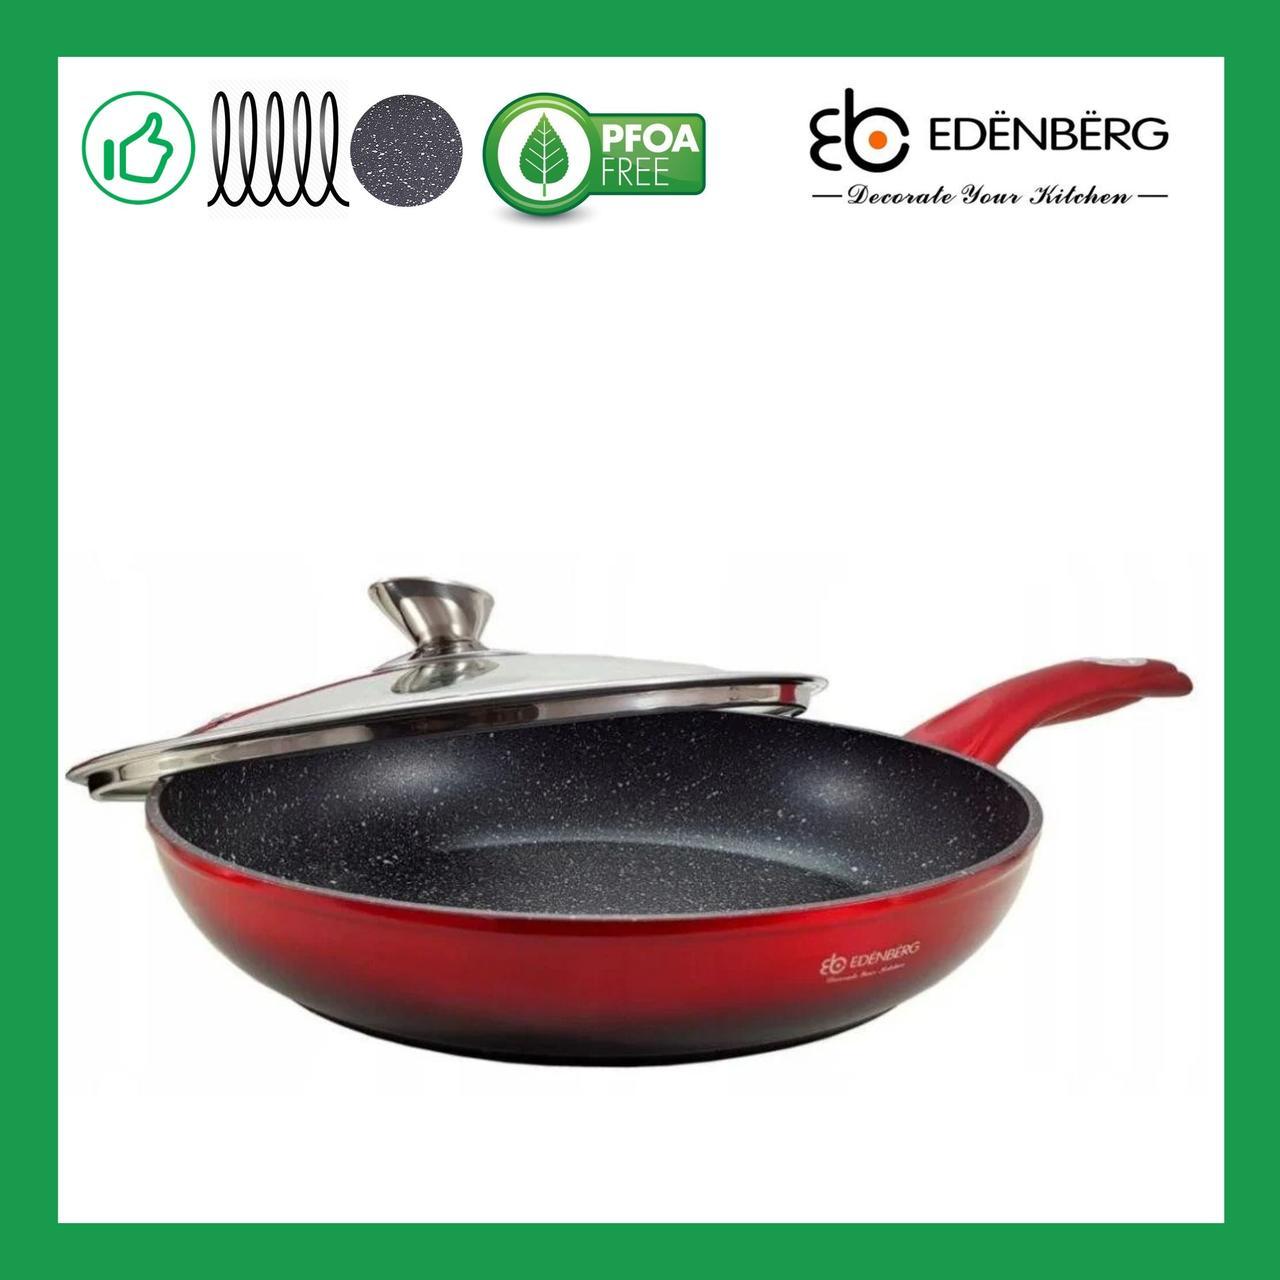 Сковорода антипригарная 22 см Edenberg с мраморным покрытием и крышкой Красная (EB-3337)